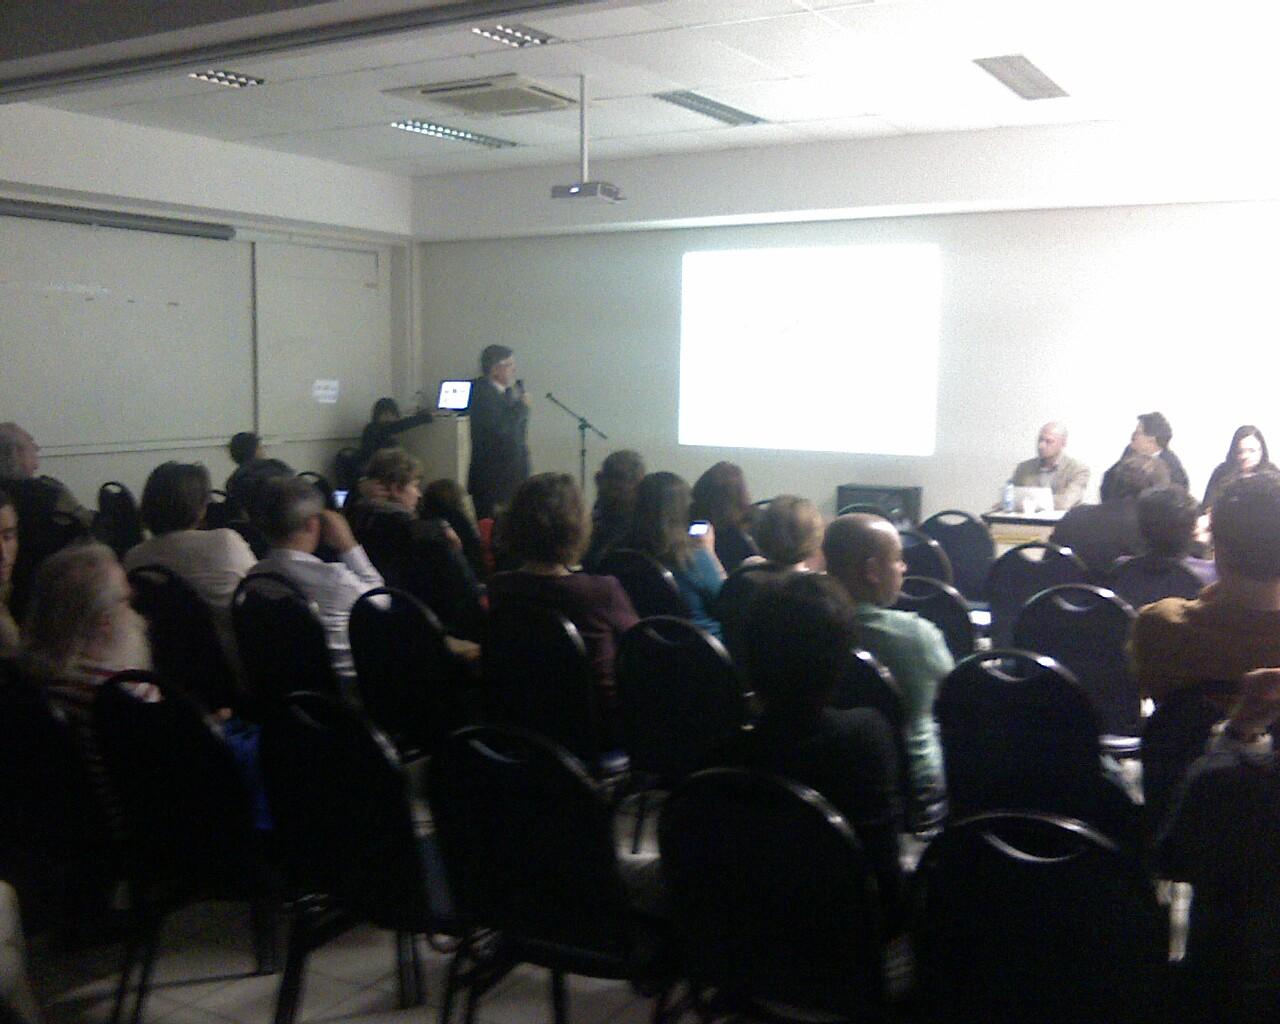 Rolando agora na @ufsc: Seminário para discutir poltica cultural